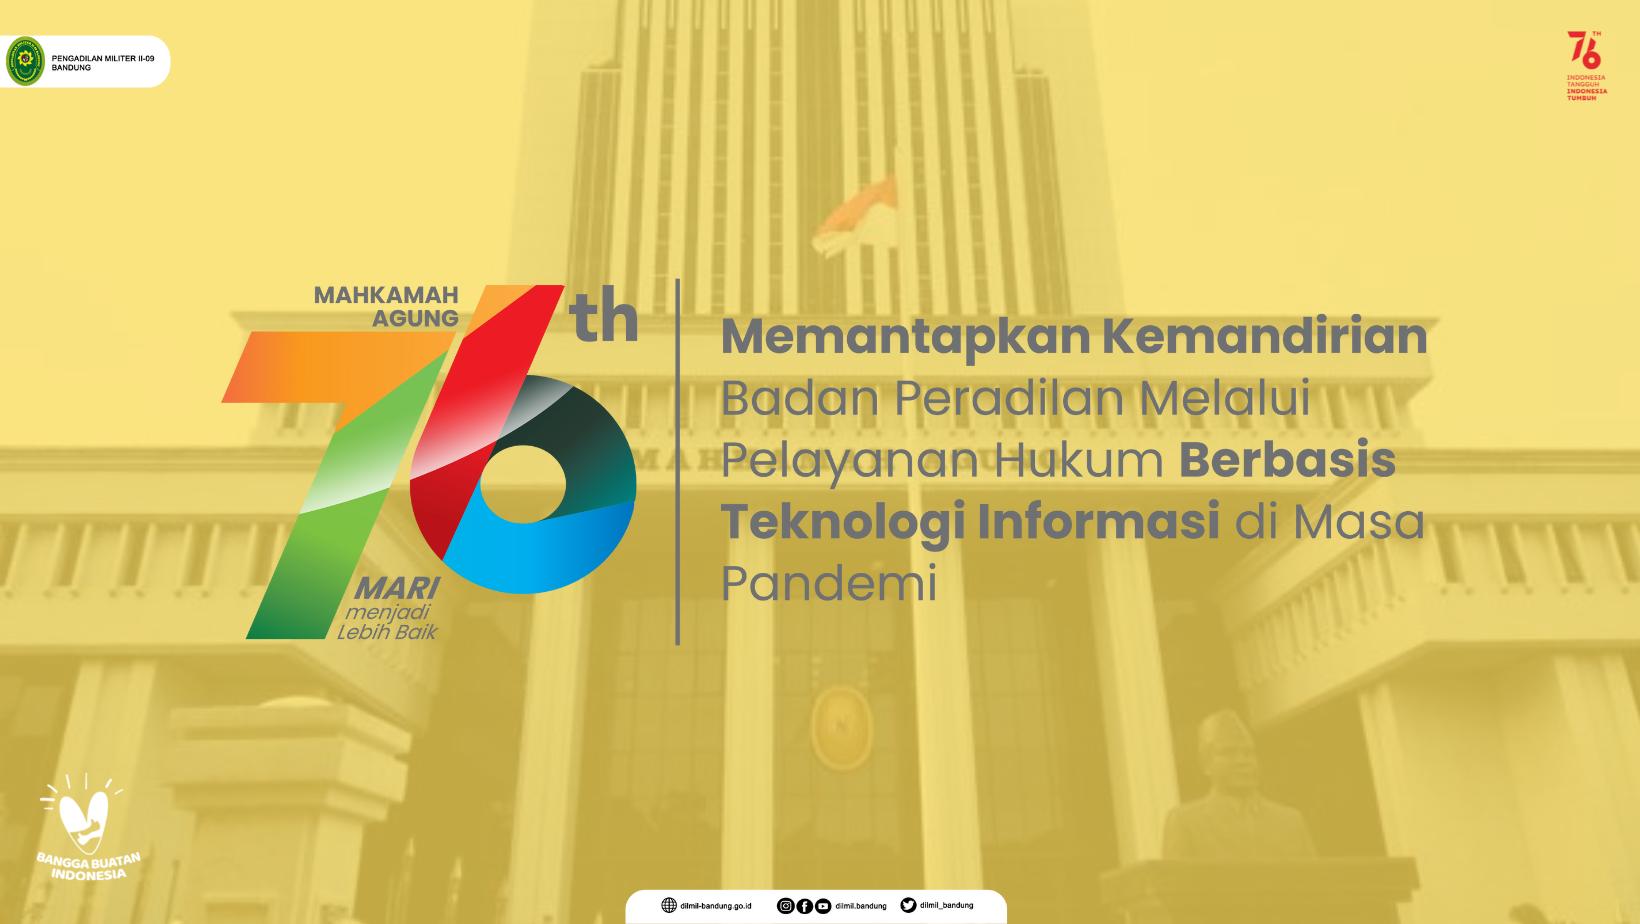 UPACARA HUT KE-76 MAHKAMAH AGUNG RI SECARA VIRTUAL